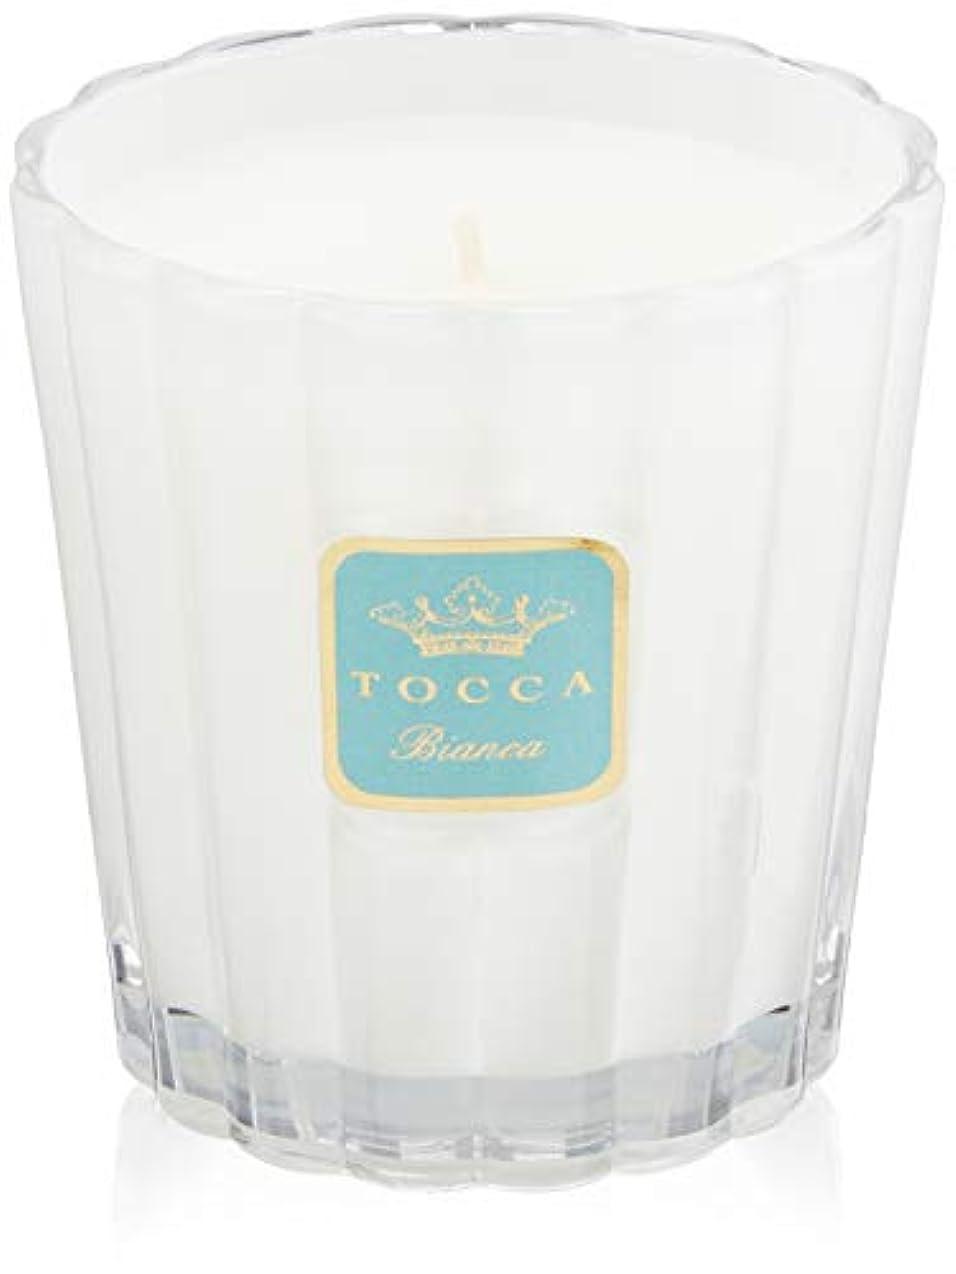 服を洗う手数料散歩トッカ(TOCCA) キャンドル ビアンカの香り 約287g (ろうそく ほのかに甘さ漂うフレッシュな香り)